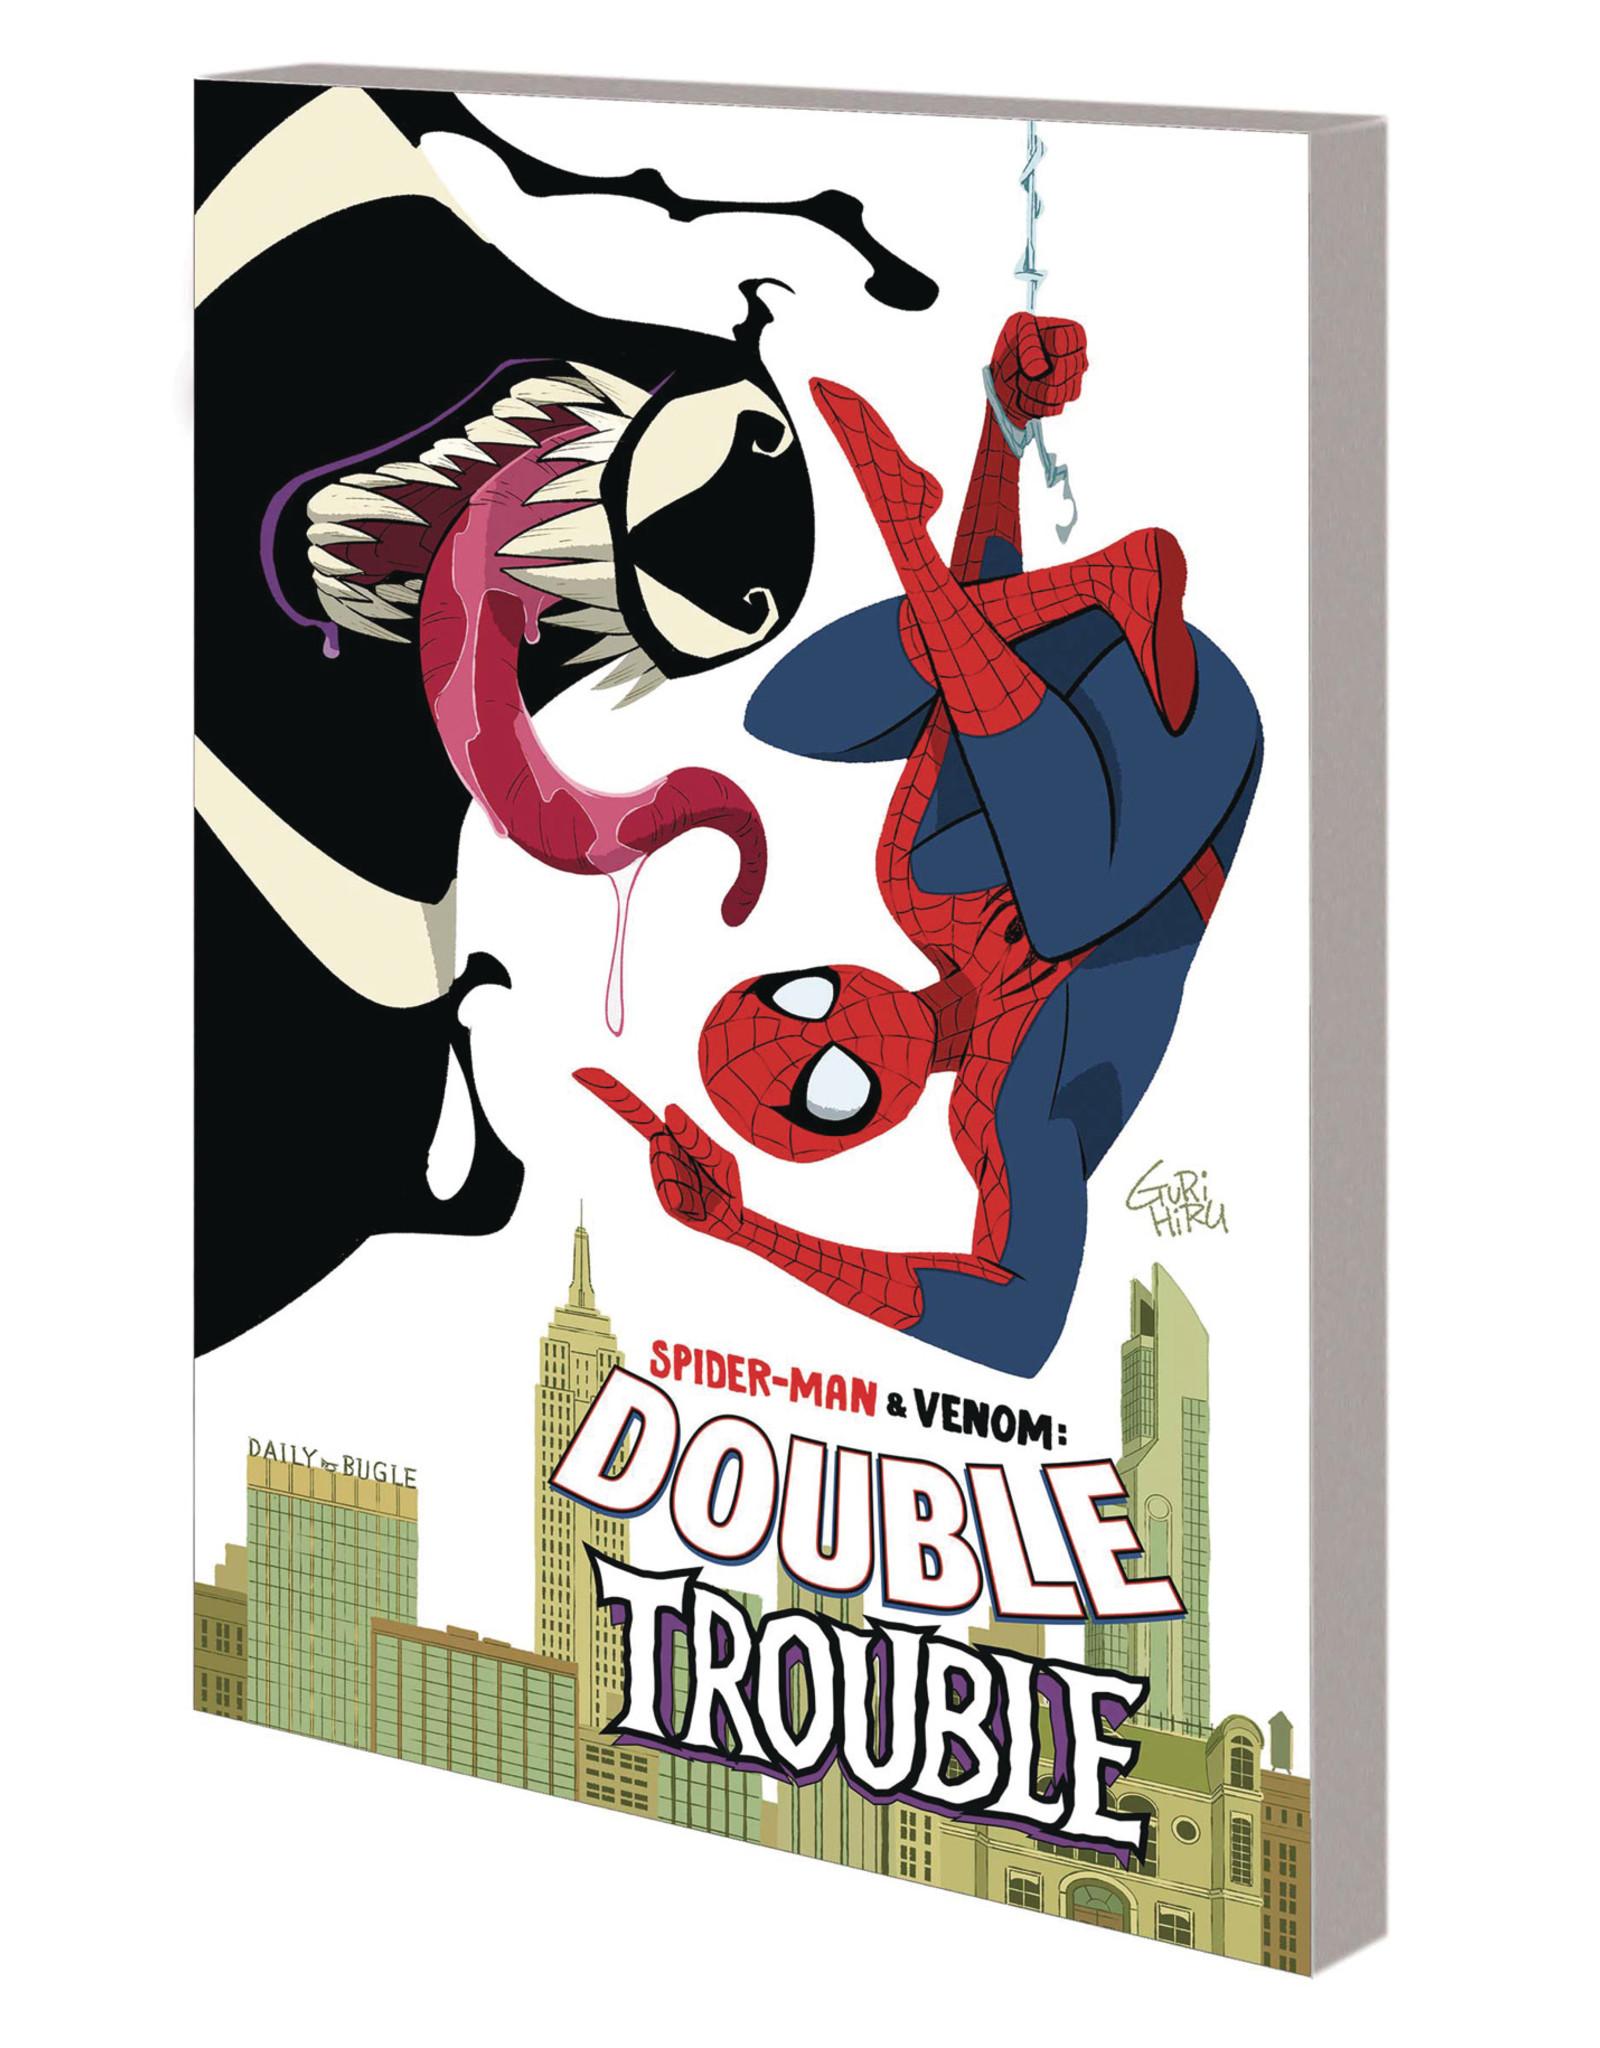 MARVEL COMICS SPIDER-MAN & VENOM DOUBLE TROUBLE GN TP